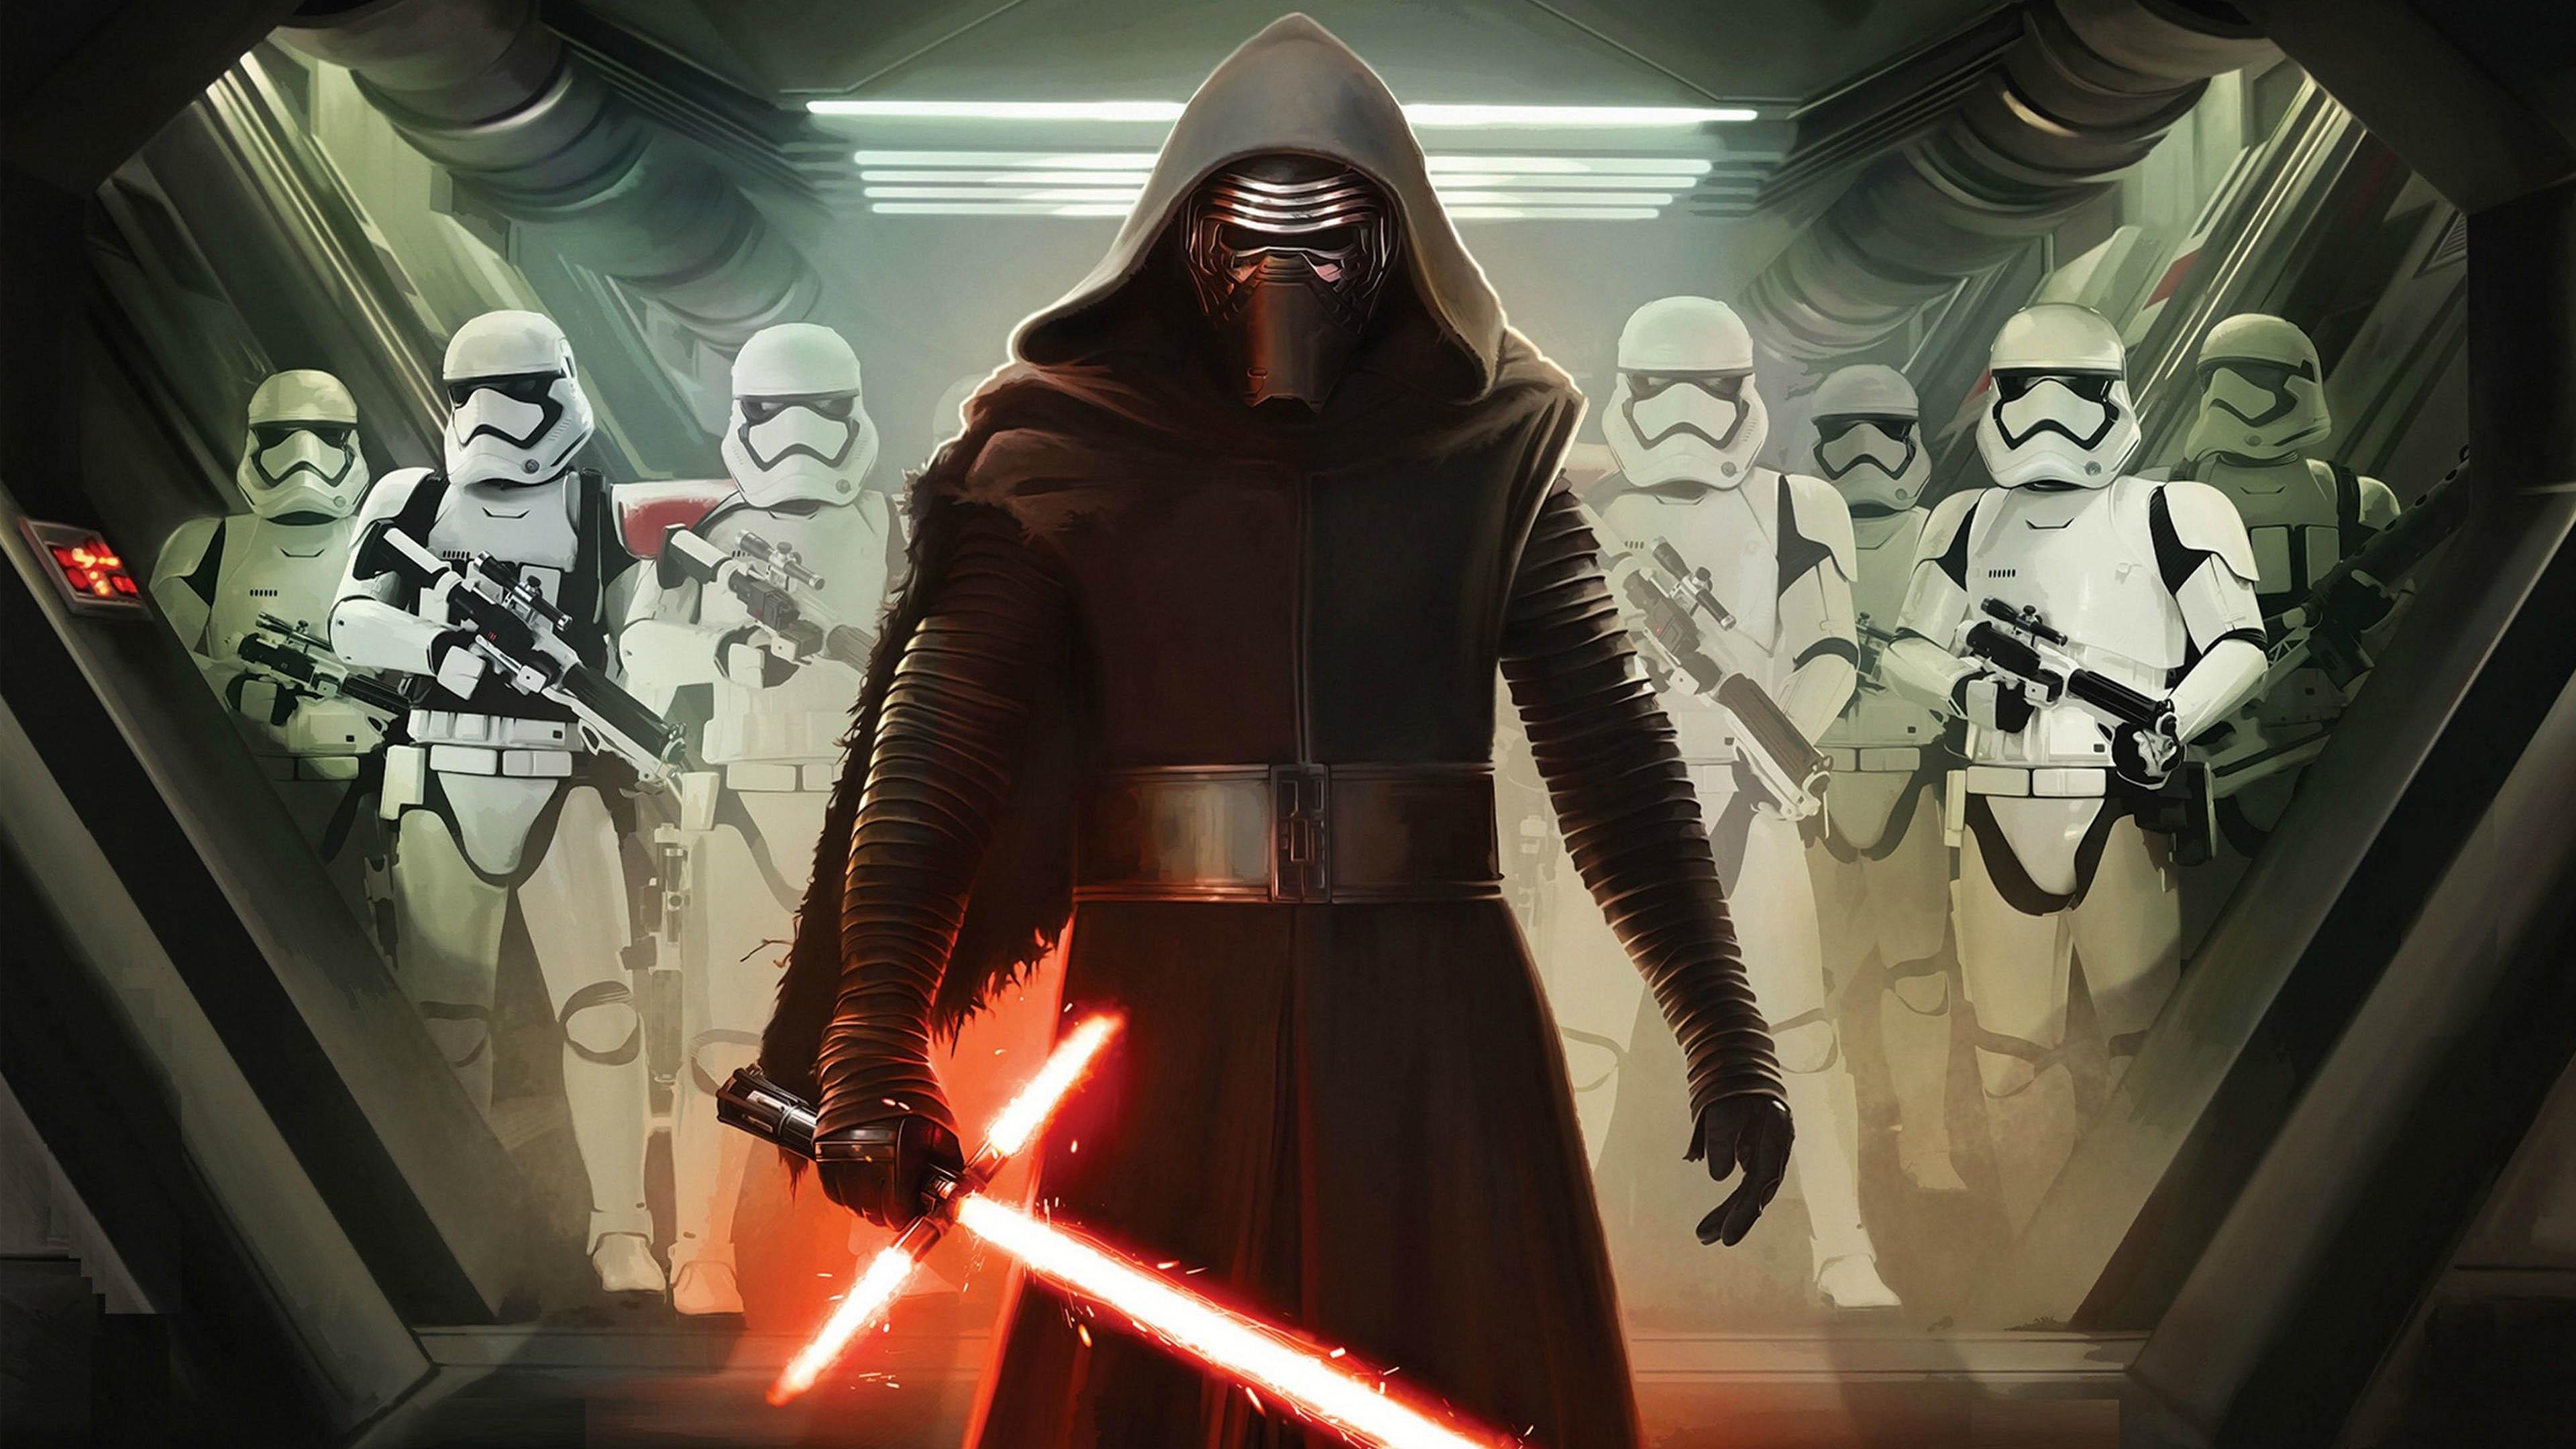 Star Wars 7 The Force Awakens   Kylo Ren Stormtroopers   3840x2160 3840x2160